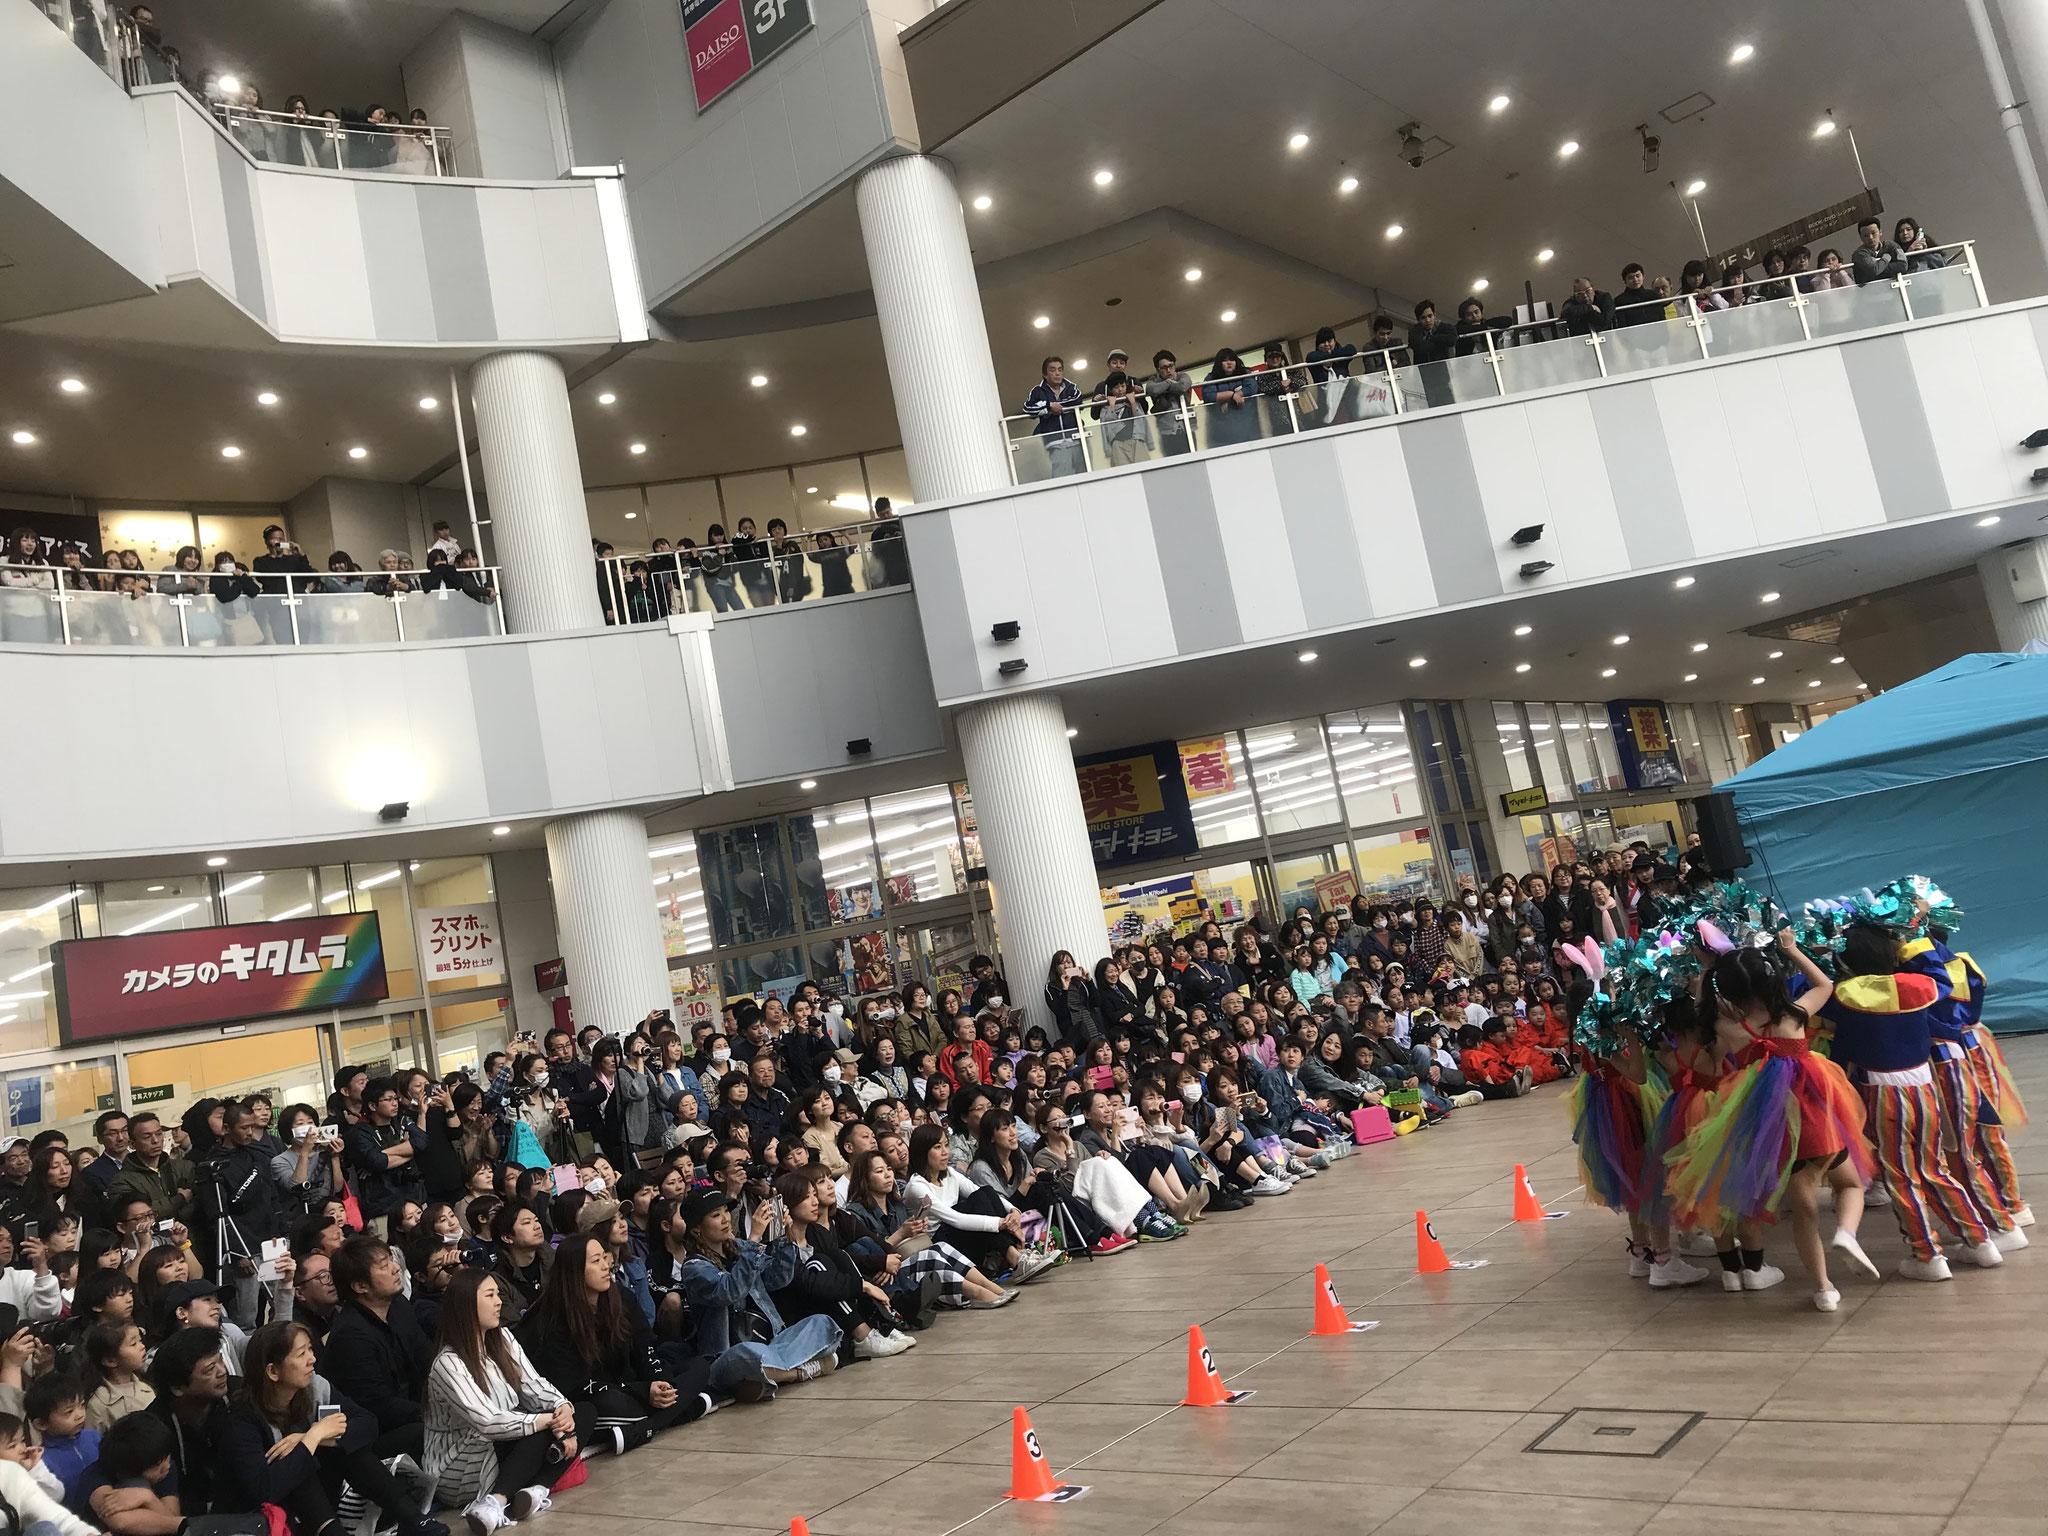 2018.4.29 BONNY BiVi イベント Vol.2